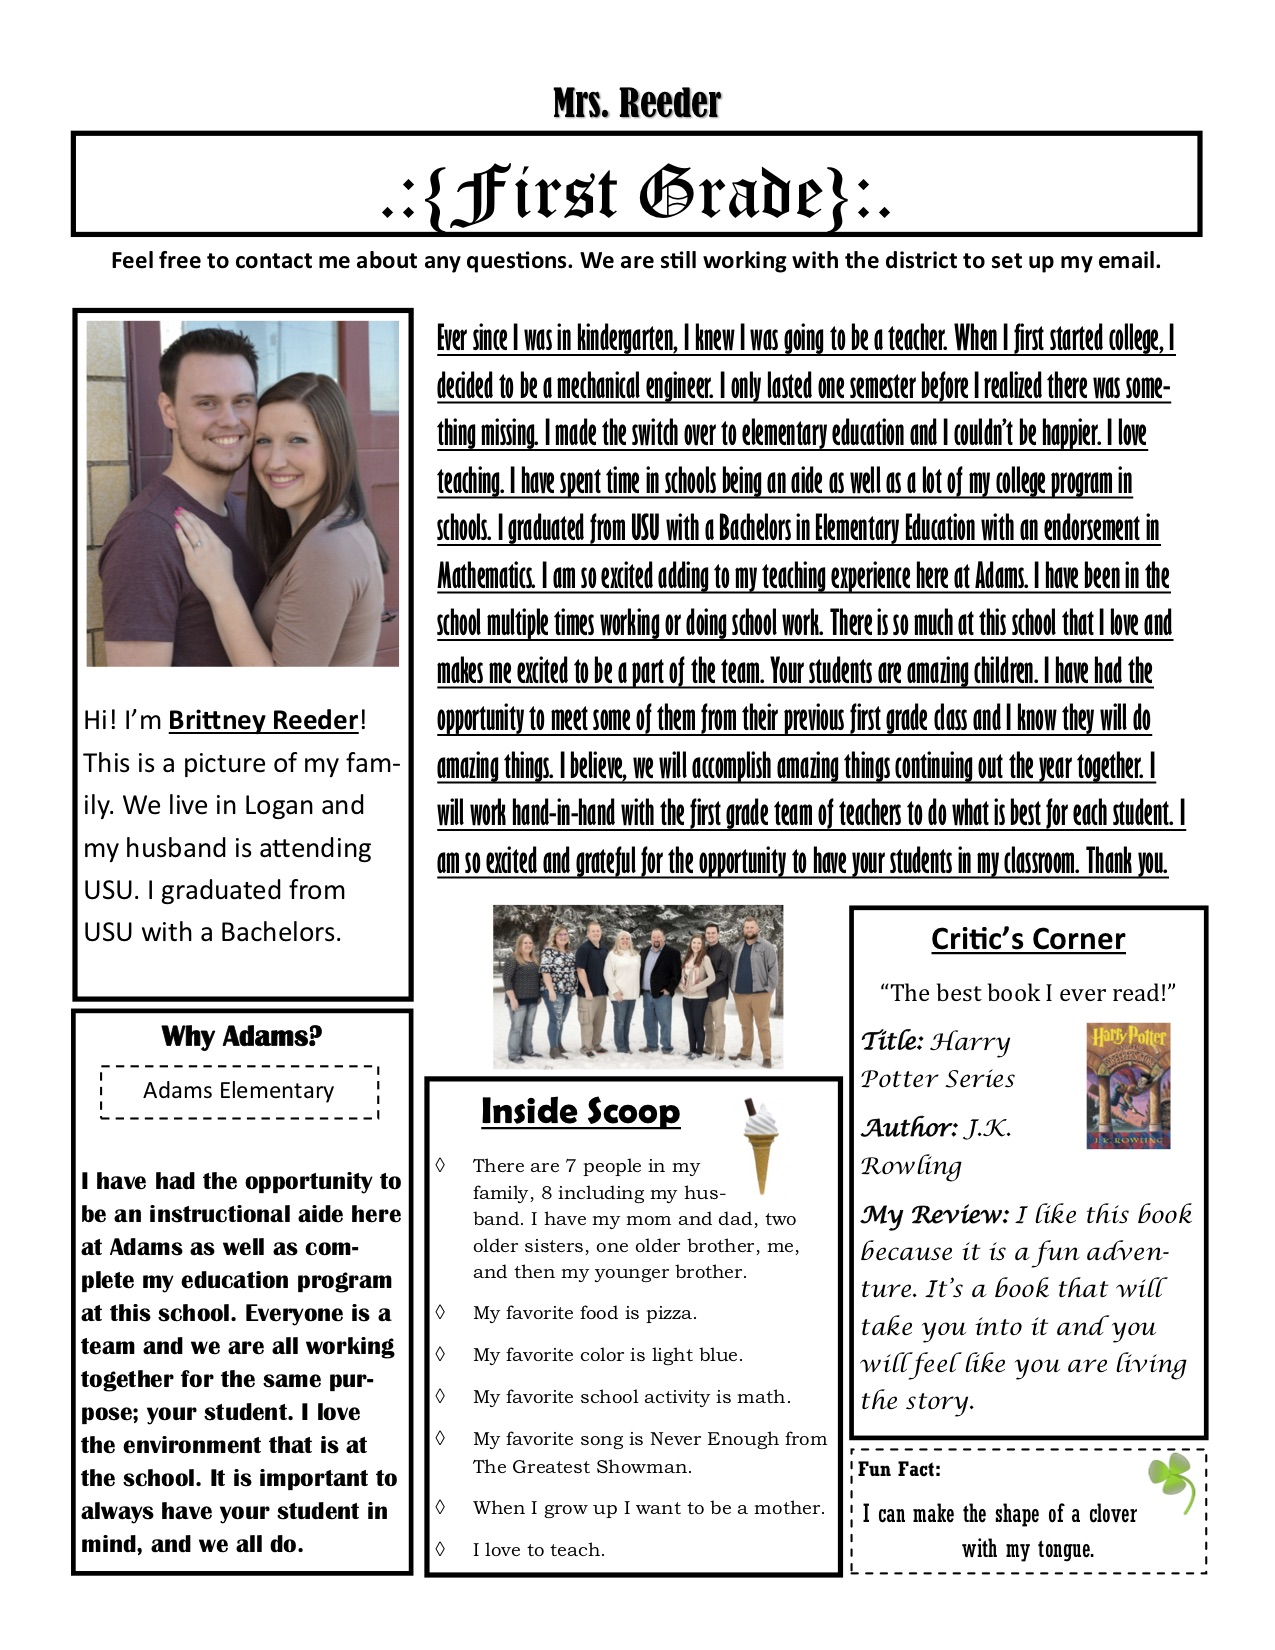 AutobiographyRevised-Brittney_Reeder.jpg